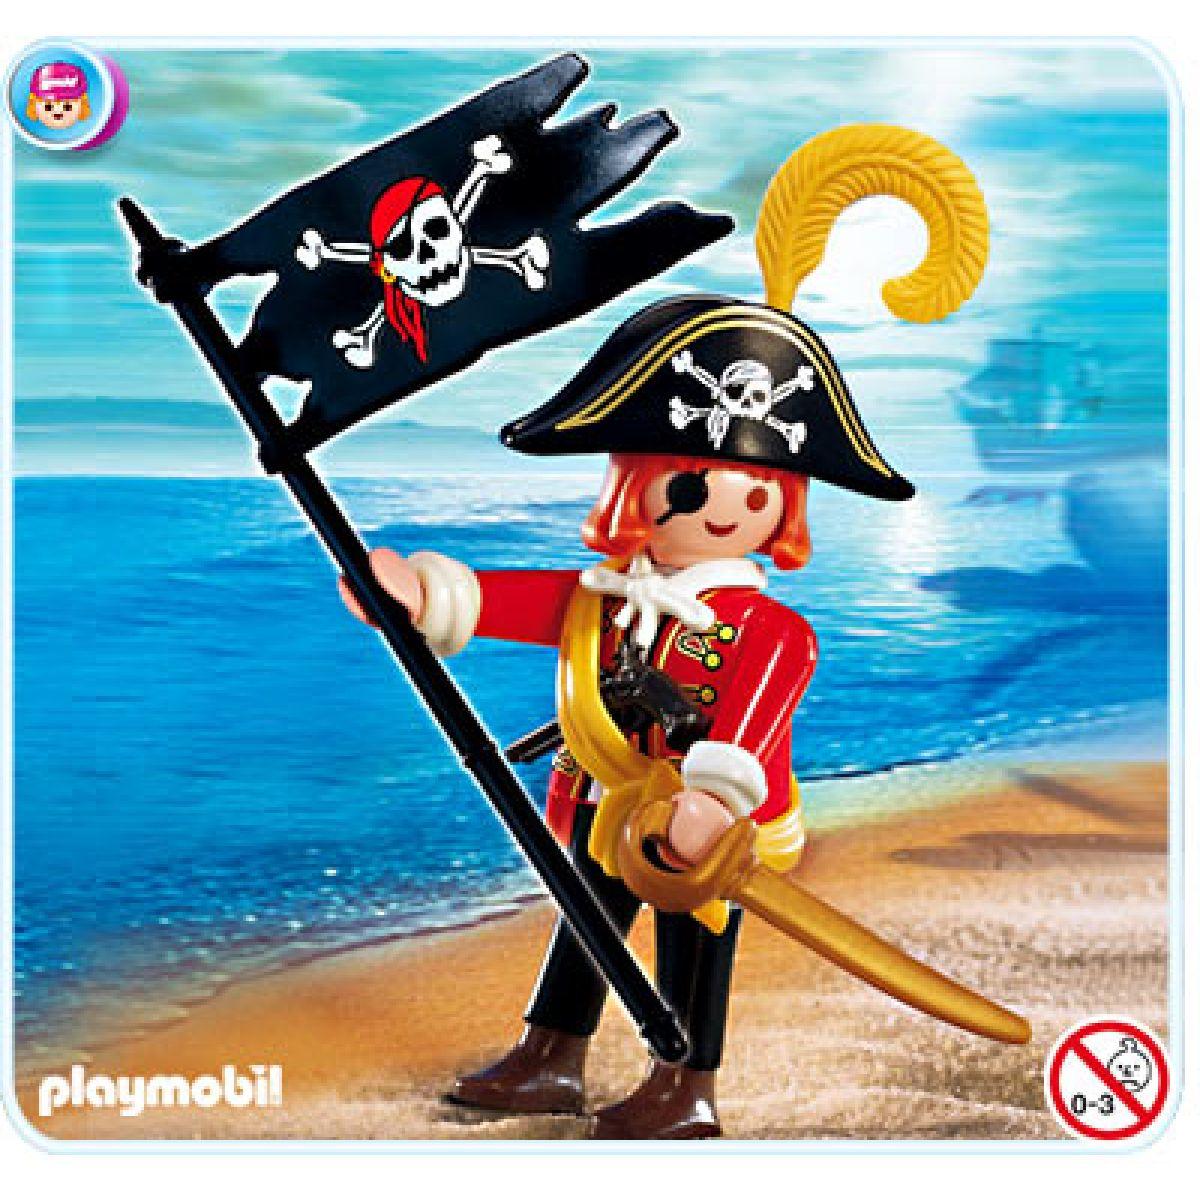 Playmobil 4690 - Pirát s vlajkou